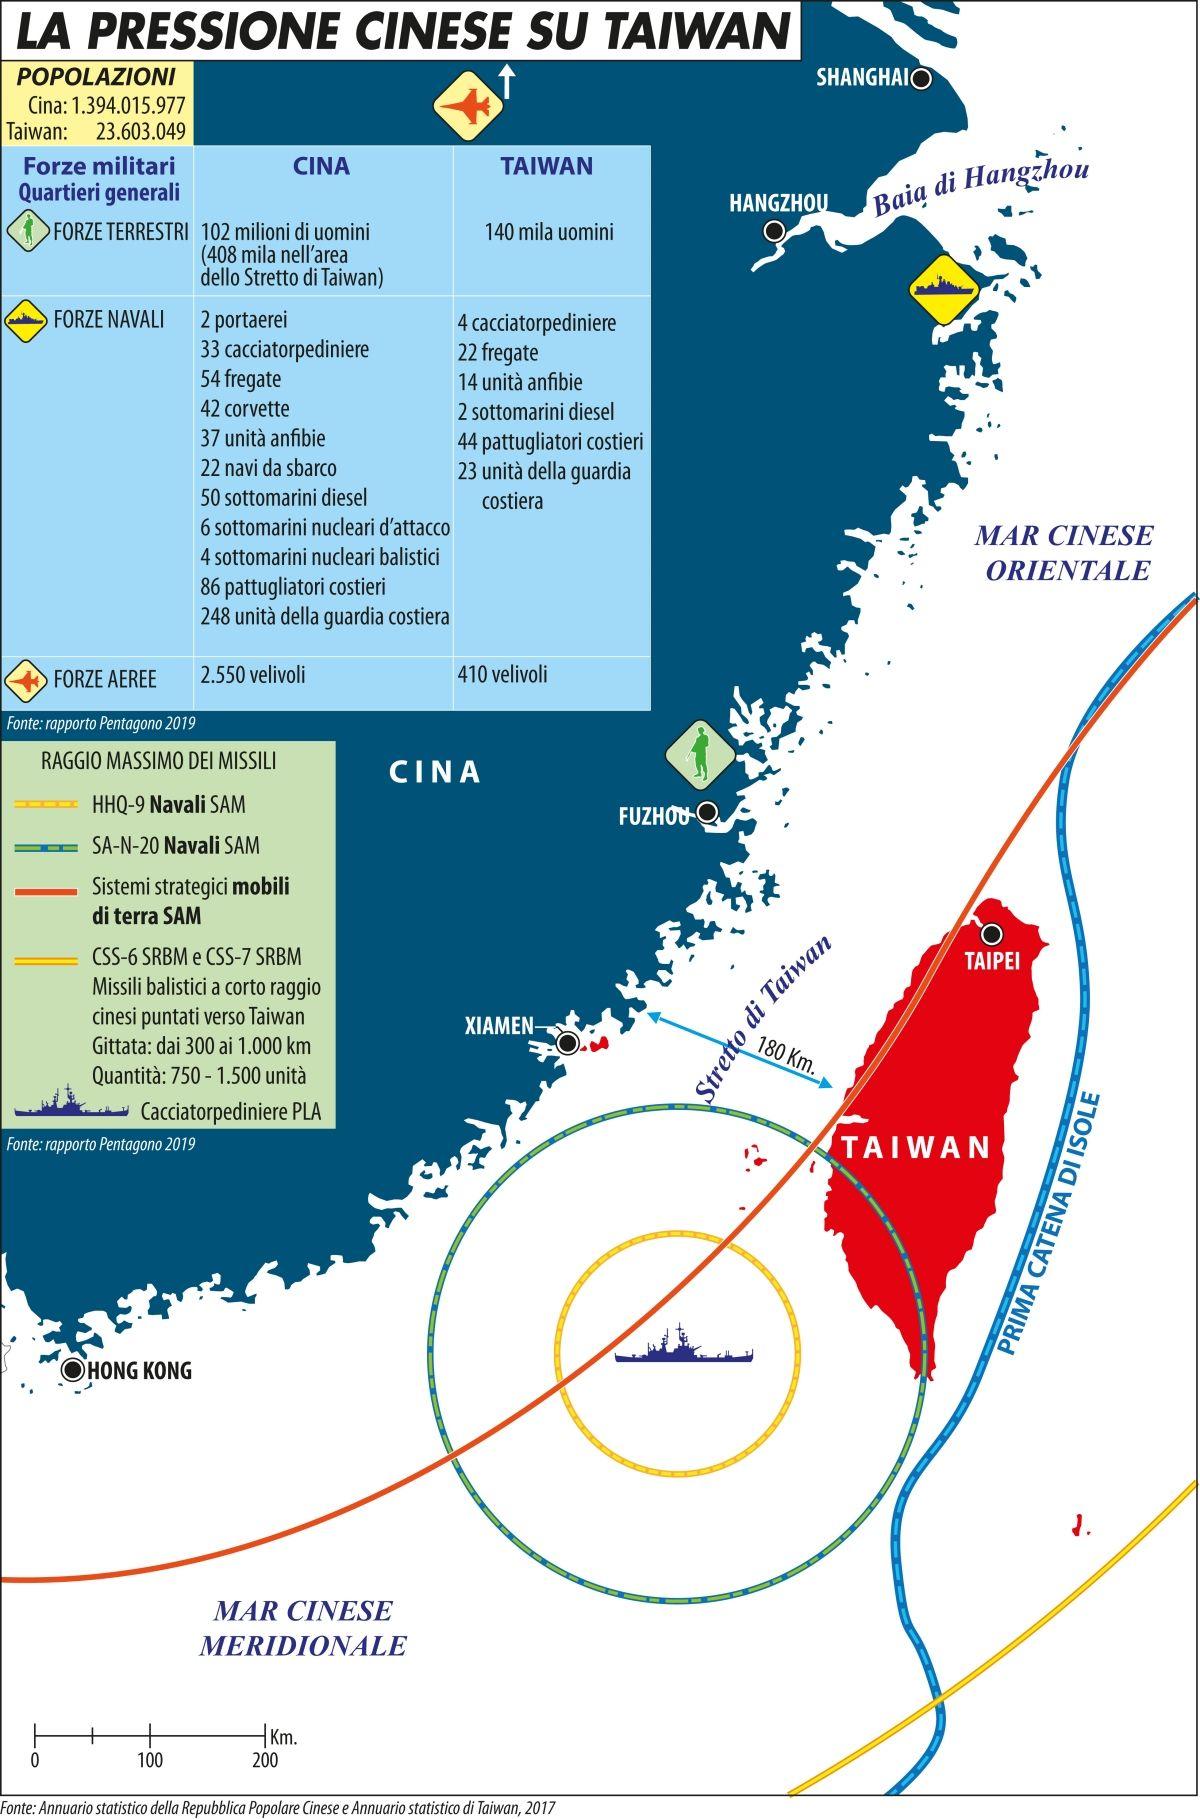 La pressione cinese su Taiwan